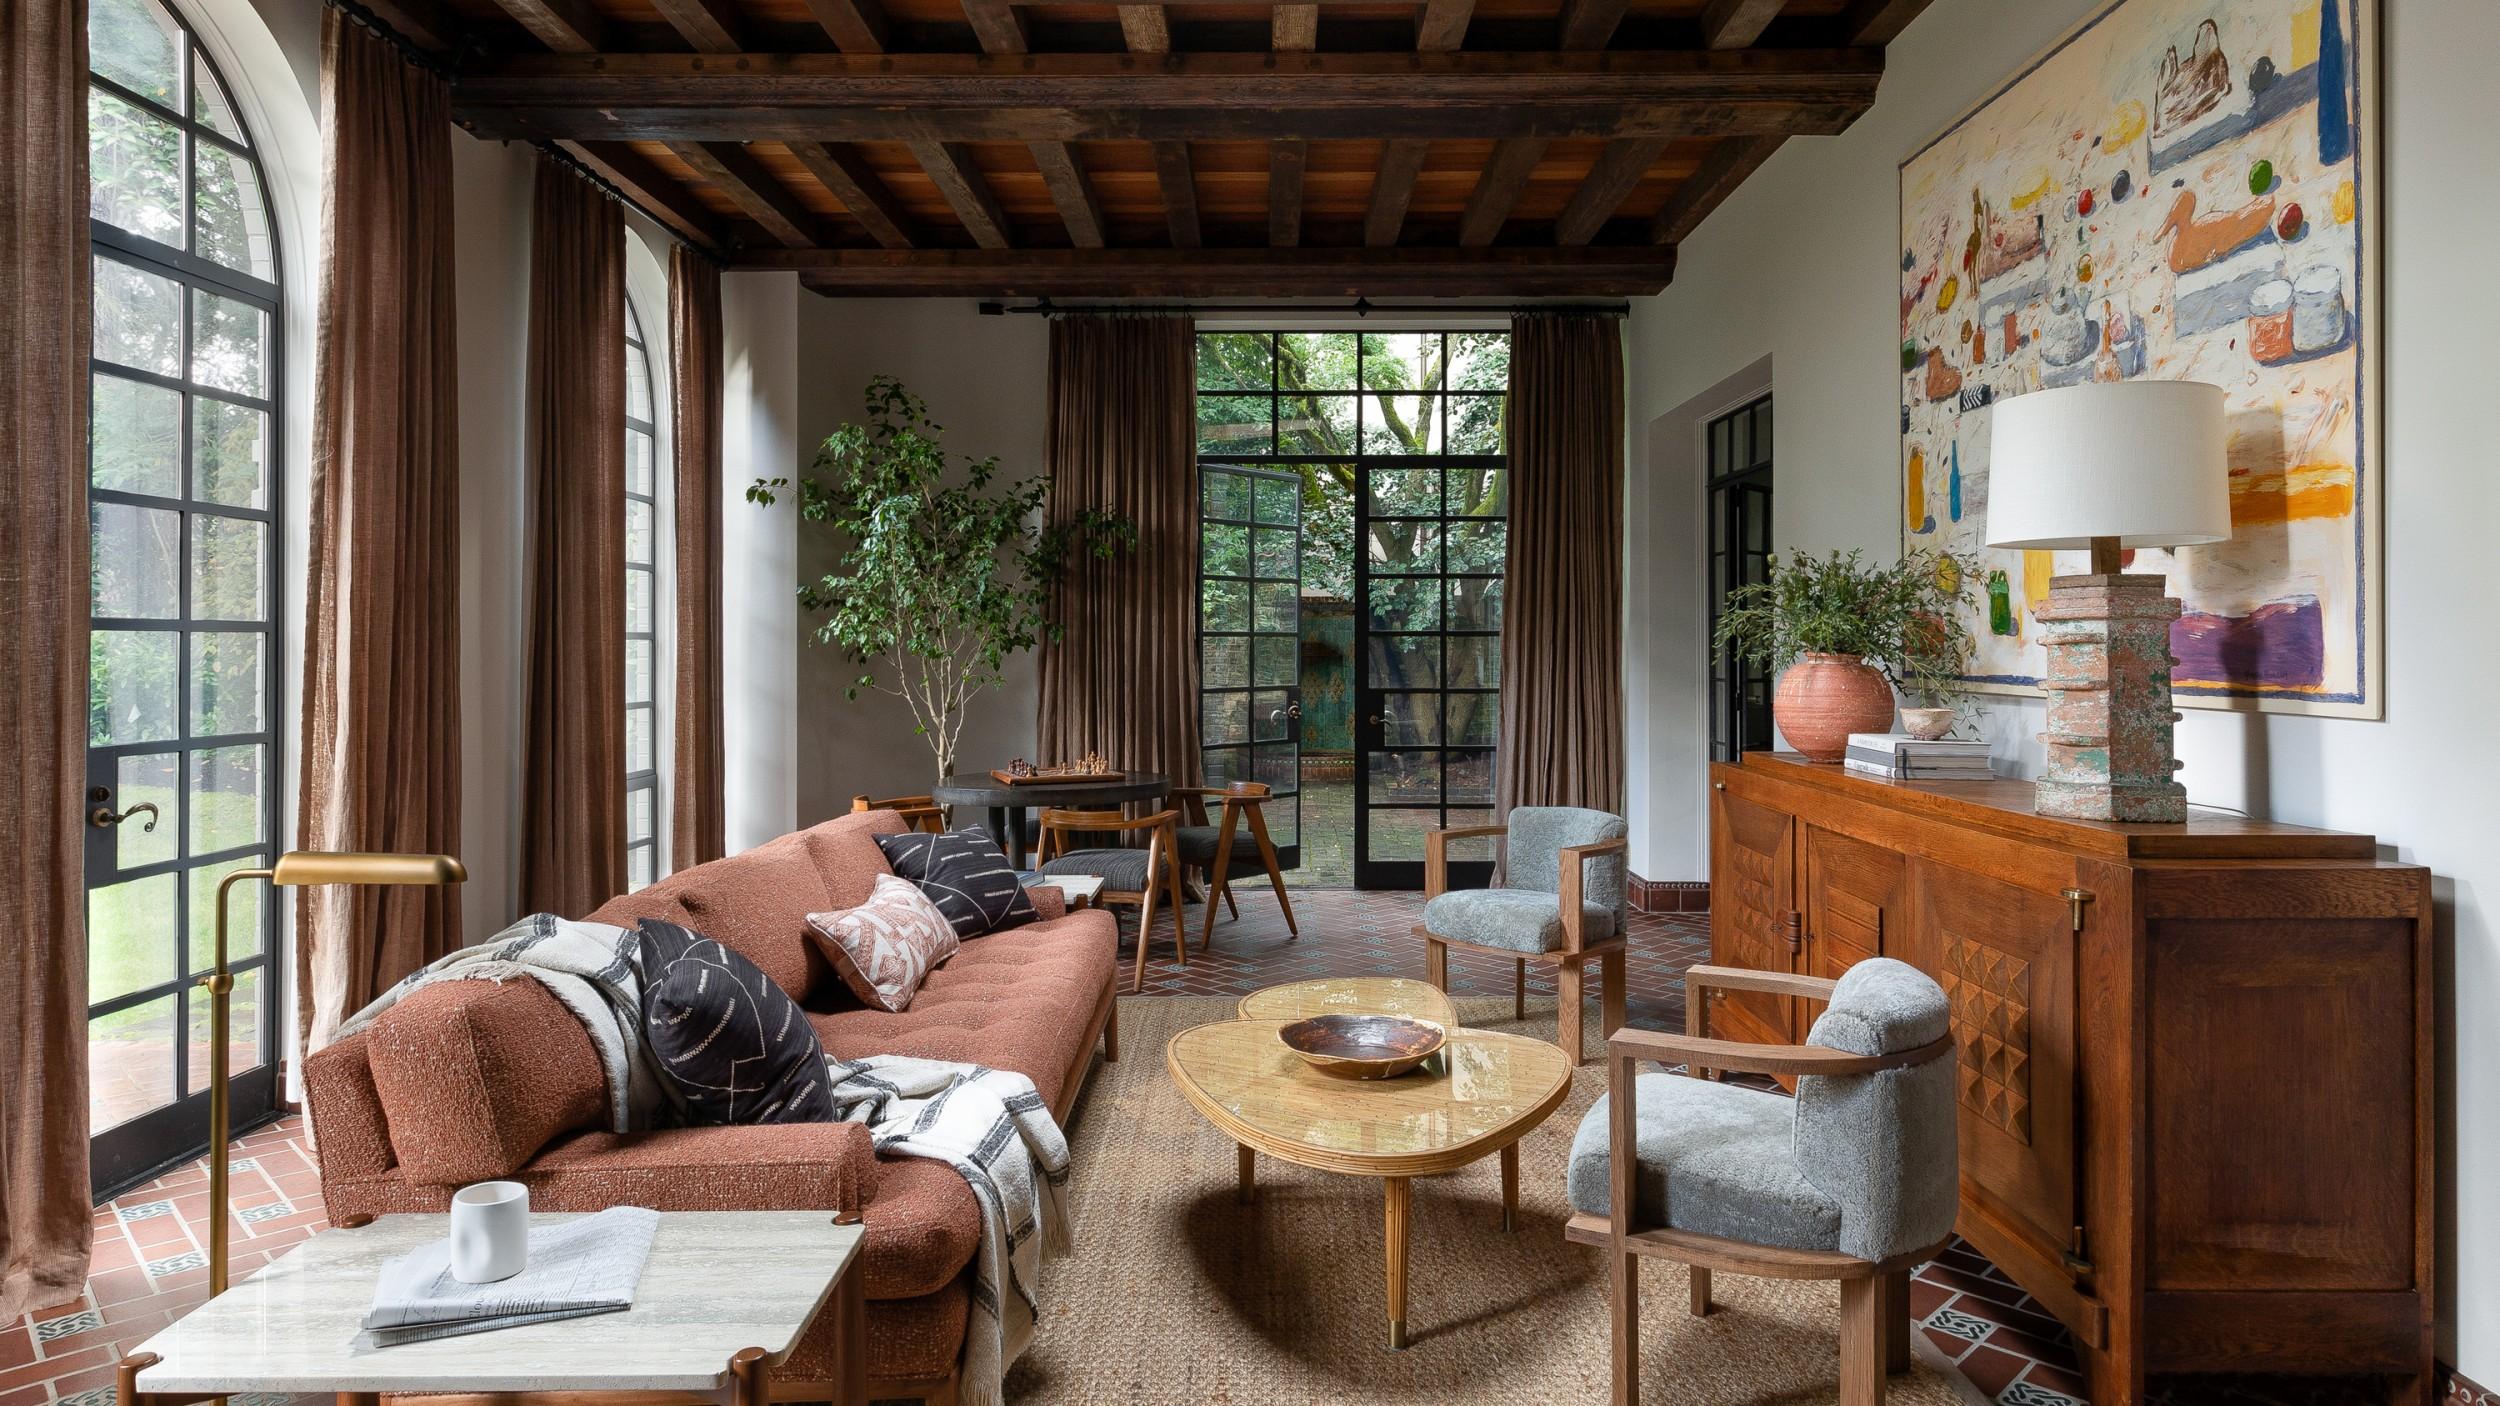 ห้องรับแขกสวยๆ แบบที่ 12 ห้องรับแขกแนวเอิร์ธโทน ตกแต่งด้วยไม้และดินเผา (Wood and Clay)